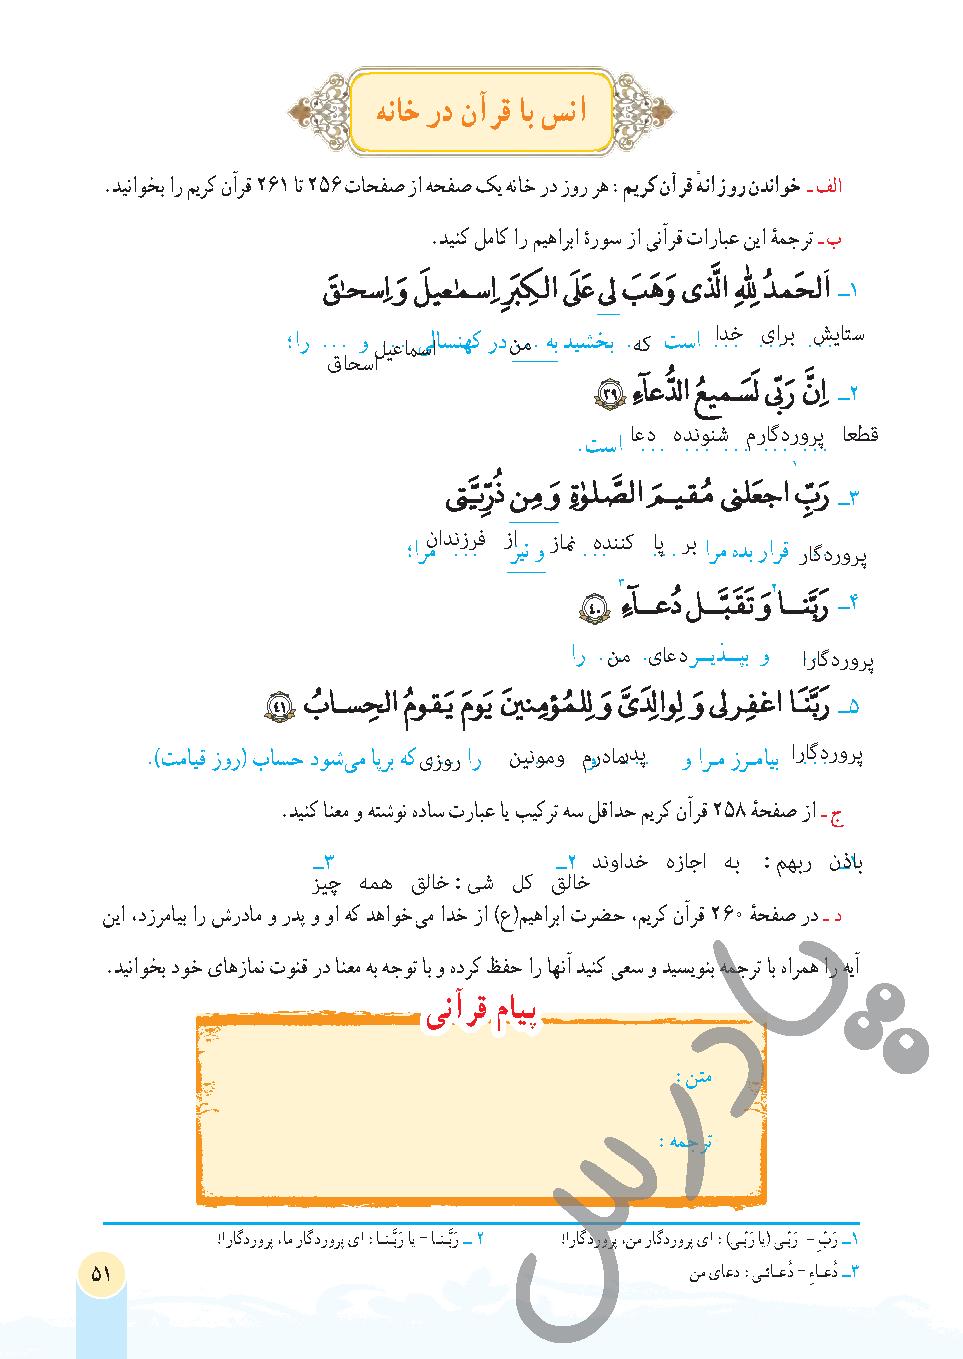 جواب انس با قرآن درس 5 قرآن هفتم - جلسه اول